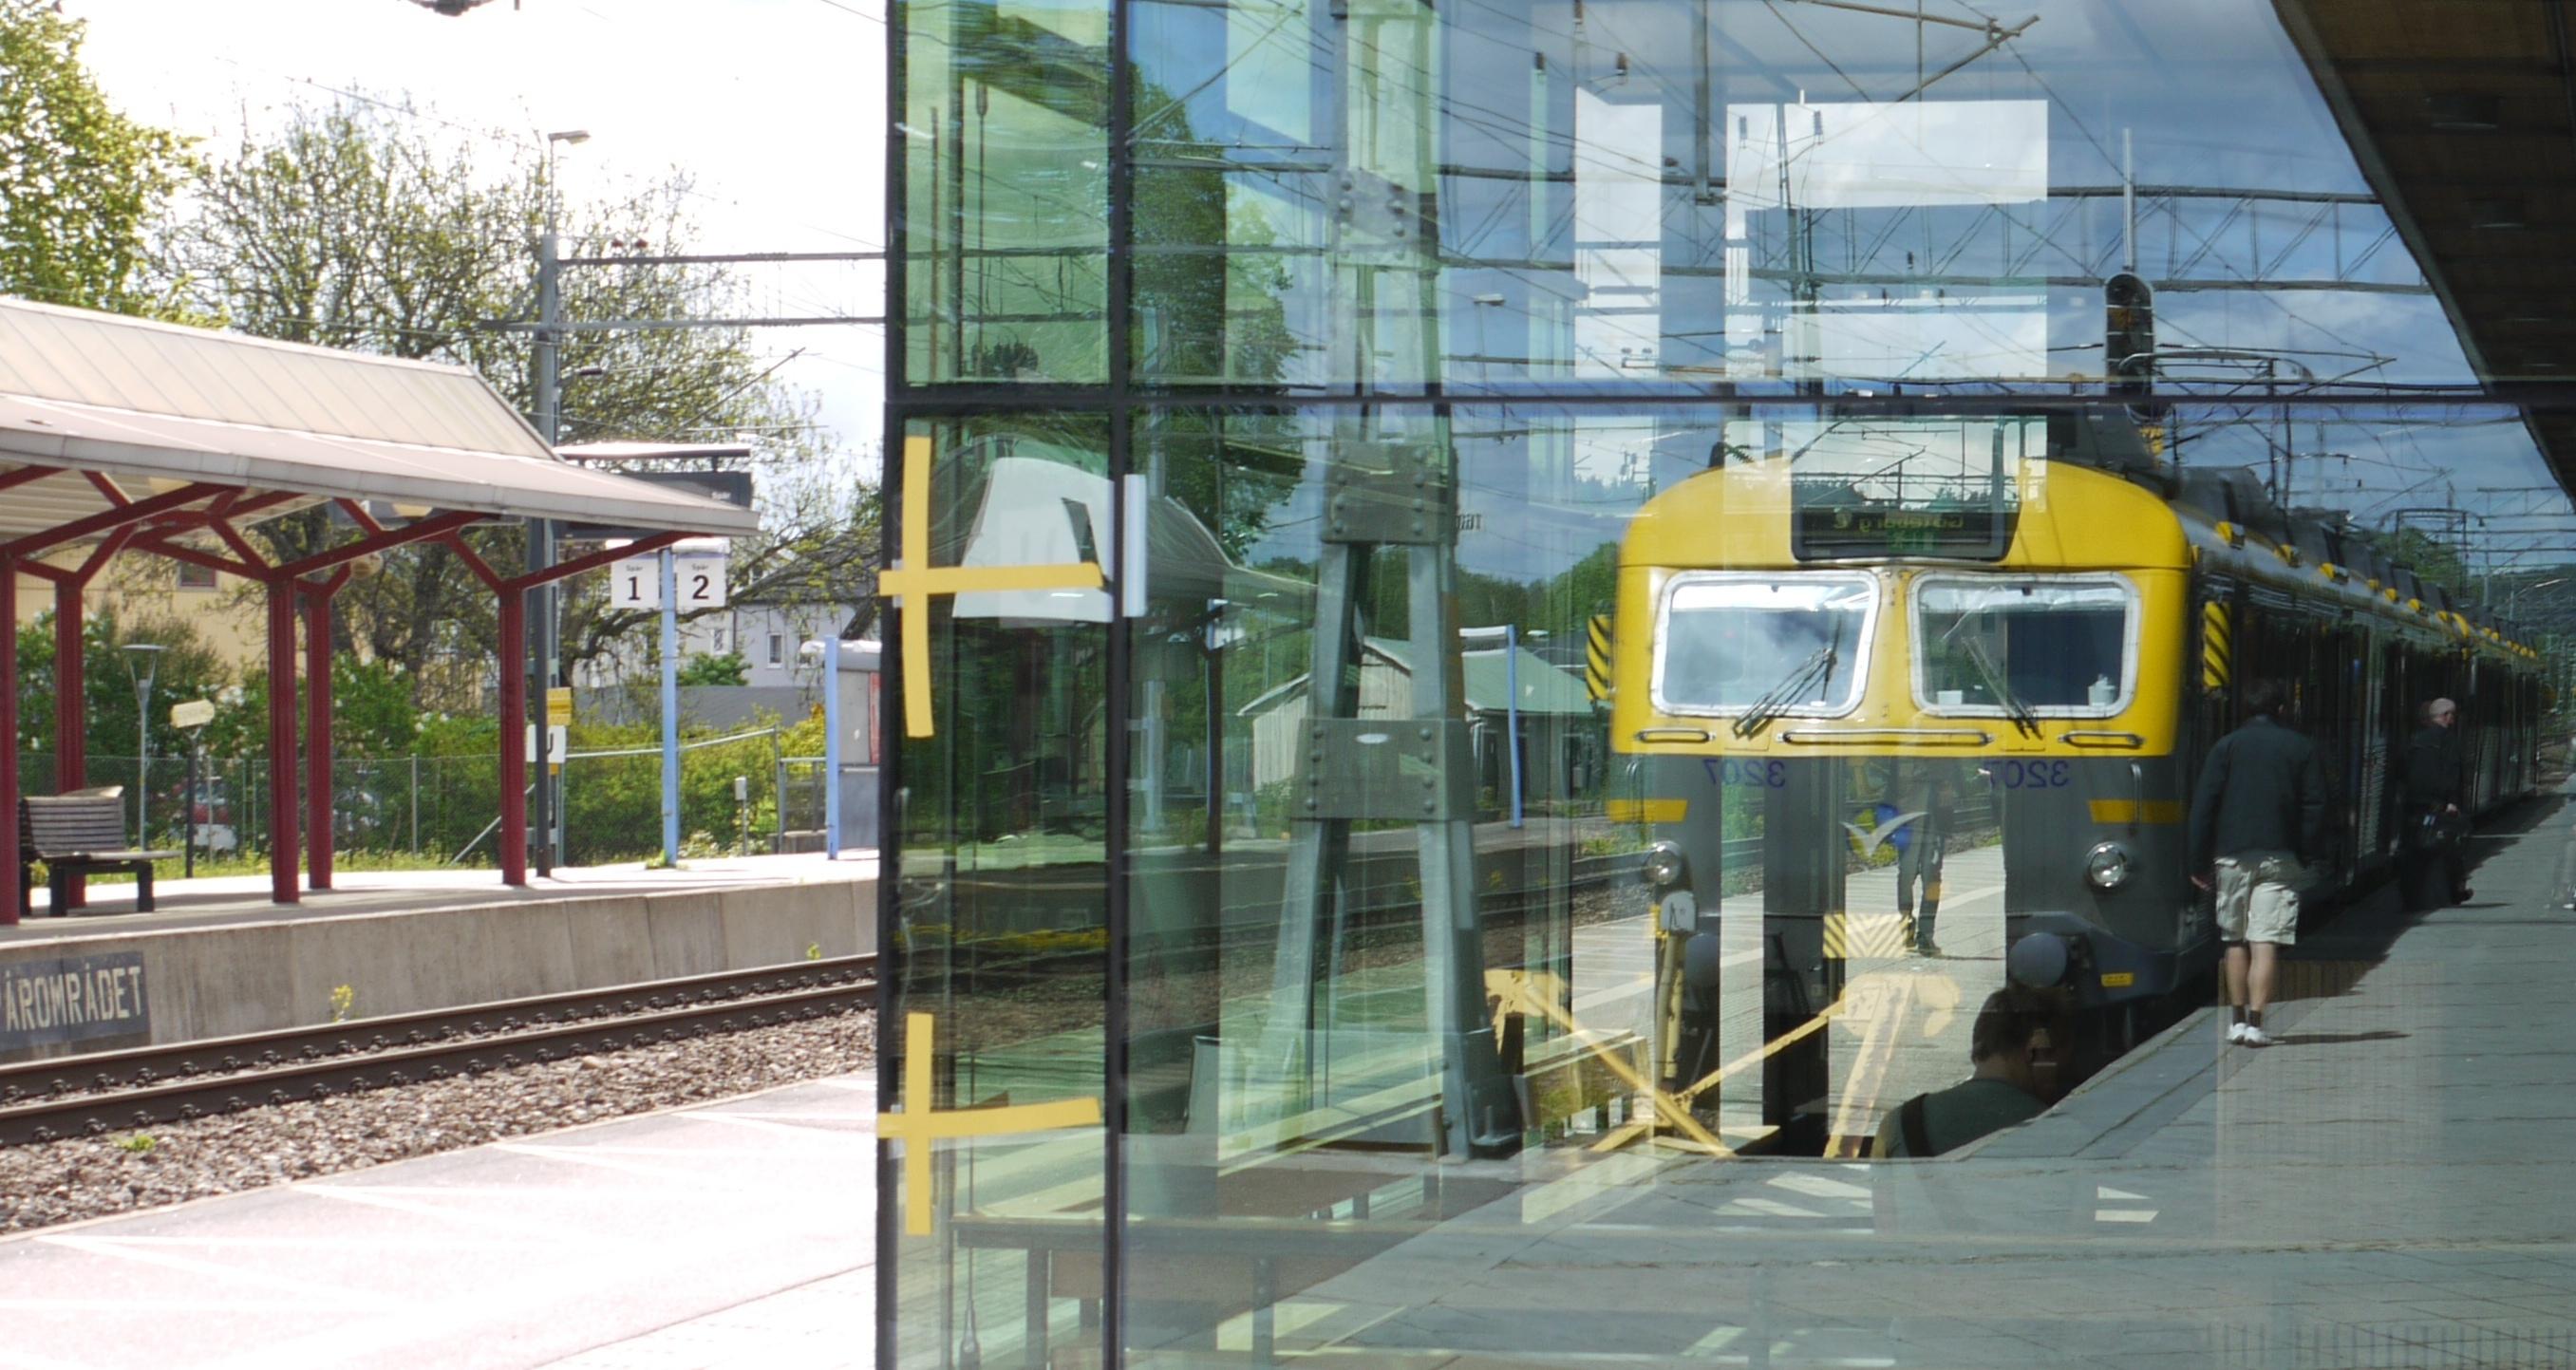 kungsbacka station